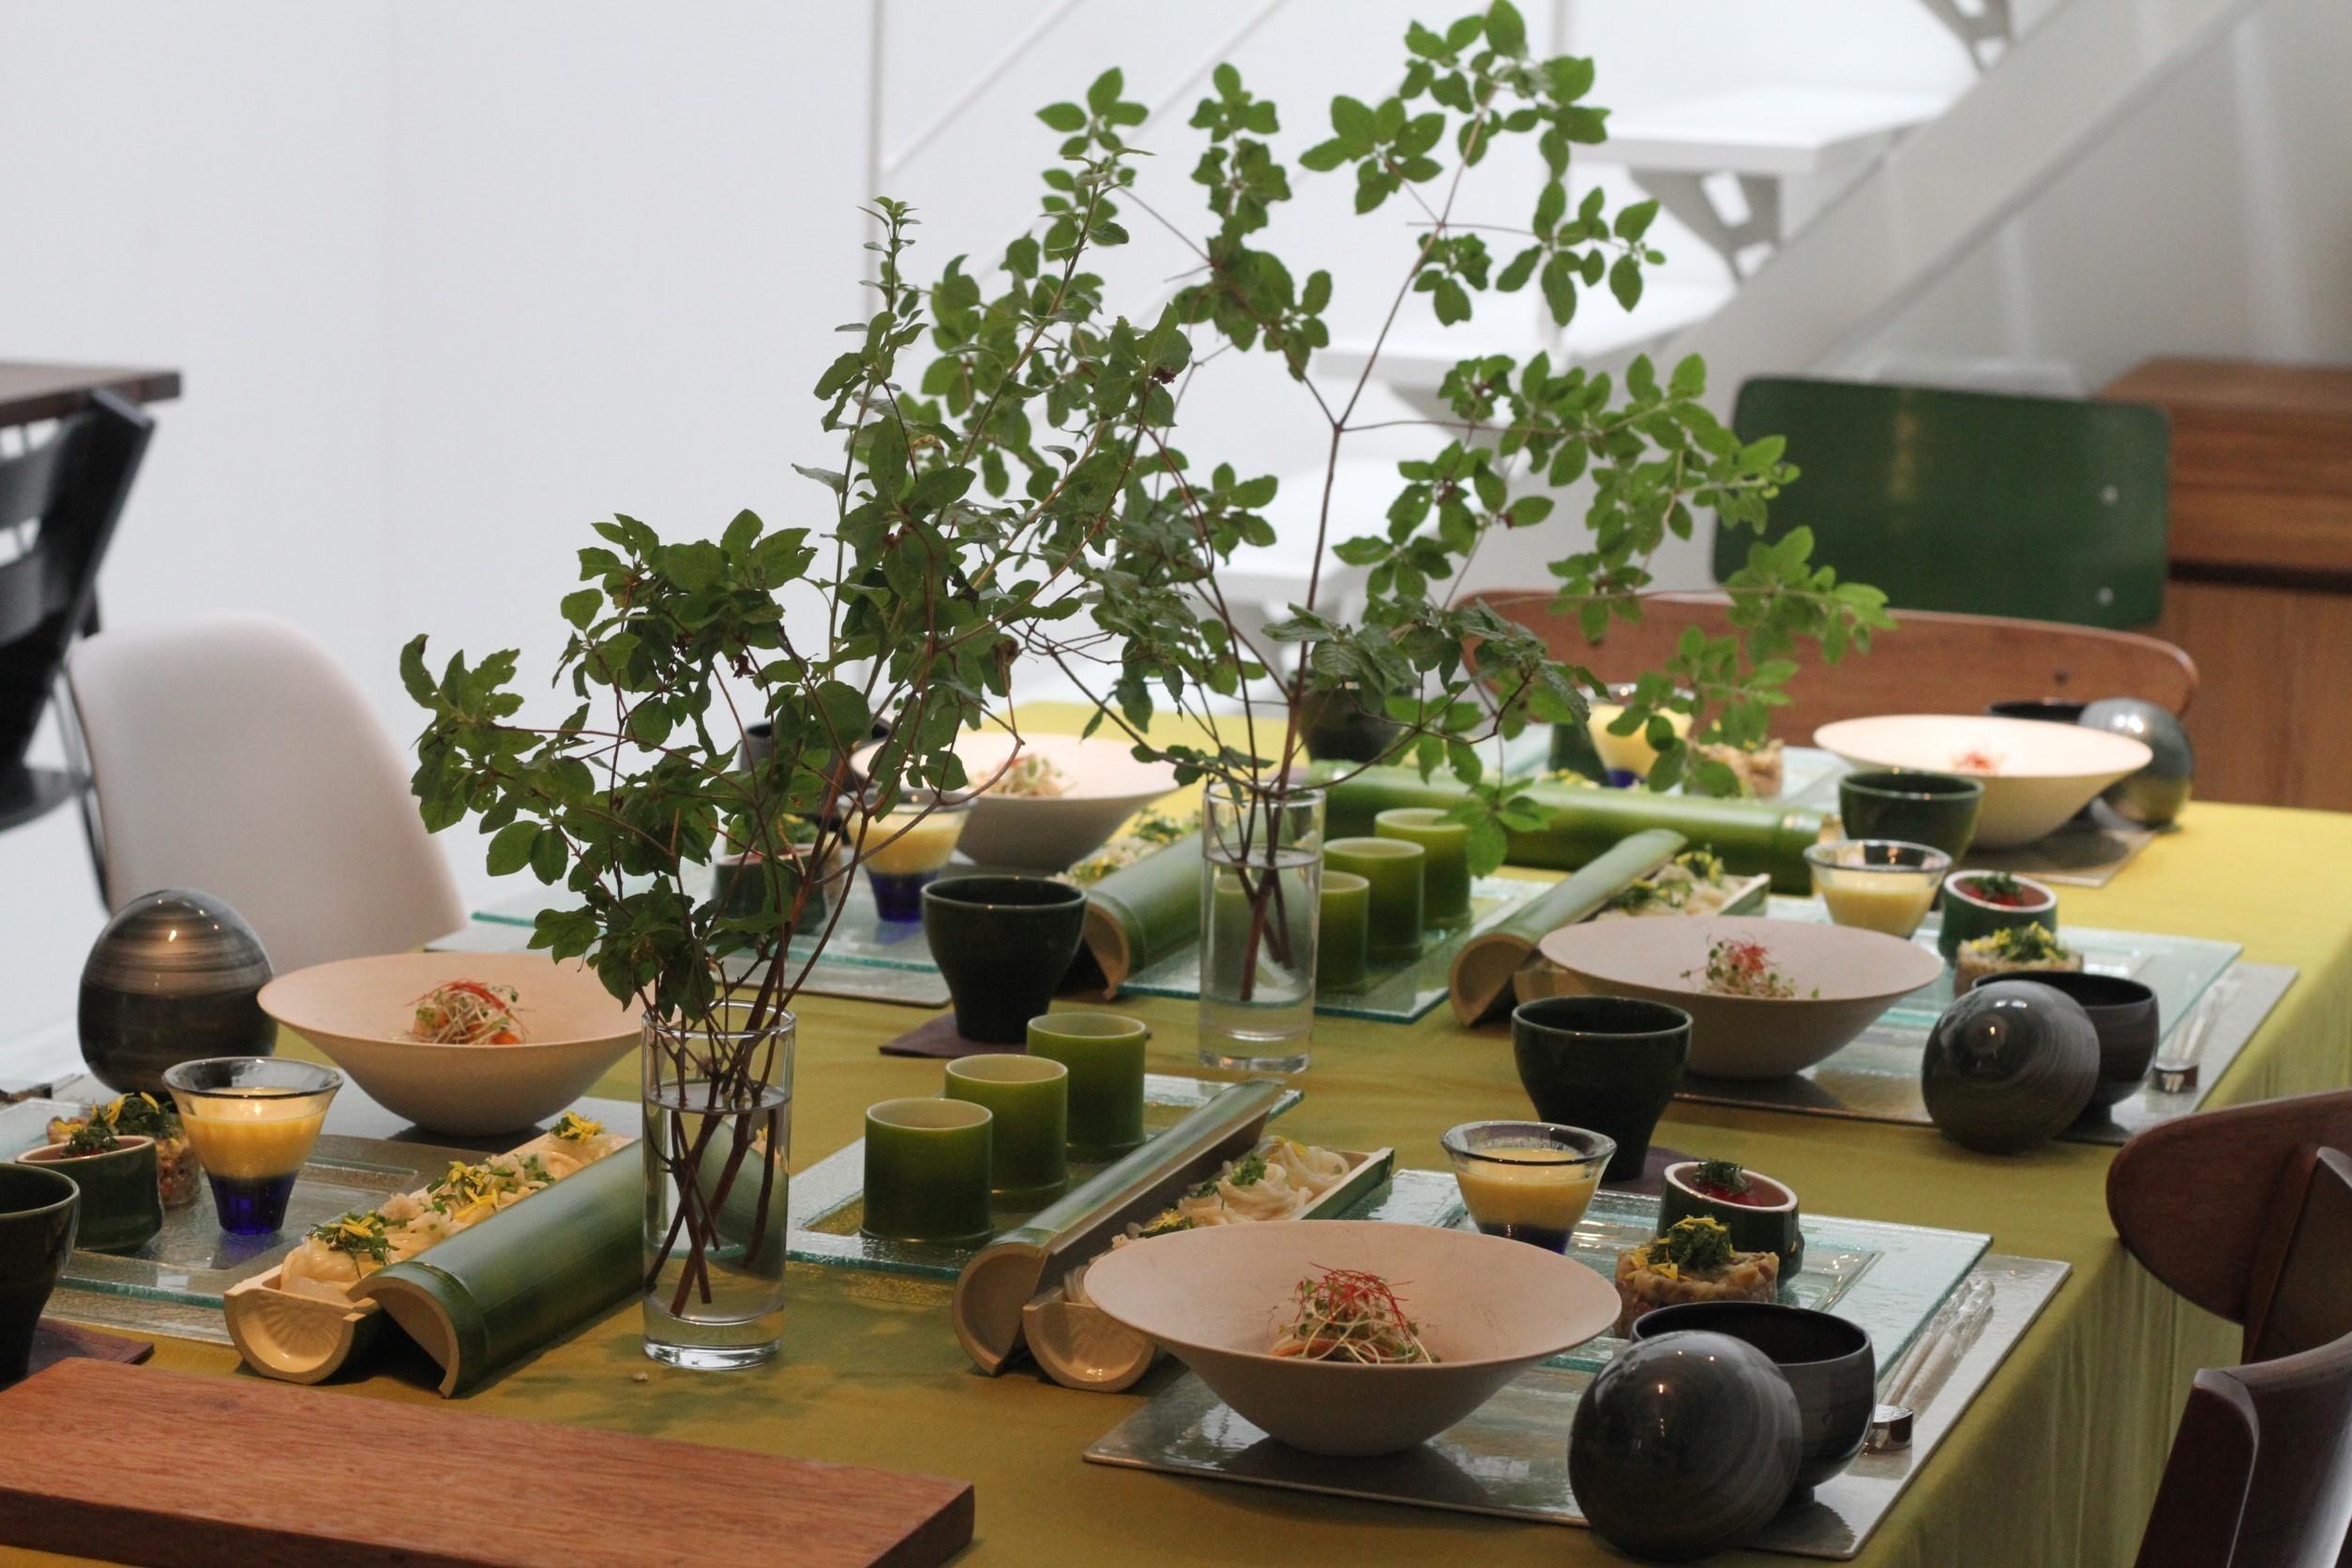 ピタパンのレシピ、作り方(まさちゃん) | 料理教室検索